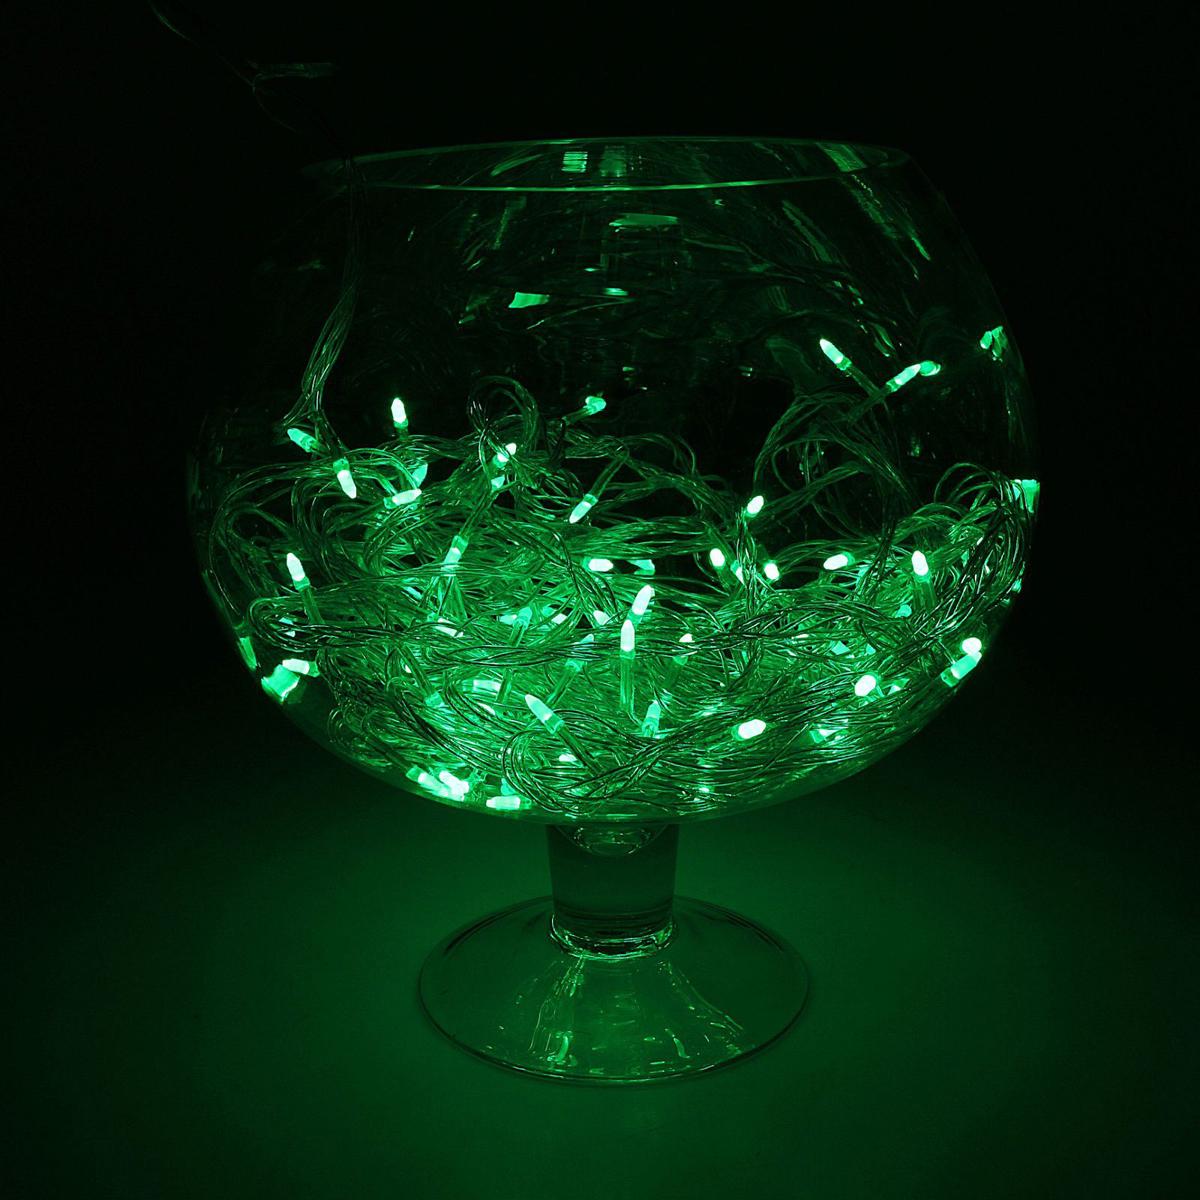 Гирлянда светодиодная Luazon Метраж. Игла, цвет: зеленый, 100 ламп, 8 режимов, 220 V, длина 10 м. 10805241080524Светодиодные гирлянды и ленты — это отличный вариант для новогоднего оформления интерьера или фасада. С их помощью помещение любого размера можно превратить в праздничный зал, а внешние элементы зданий, украшенные ими, мгновенно станут напоминать очертания сказочного дворца. Такие украшения создают ауру предвкушения чуда. Деревья, фасады, витрины, окна и арки будто специально созданы, чтобы вы украсили их светящимися нитями.